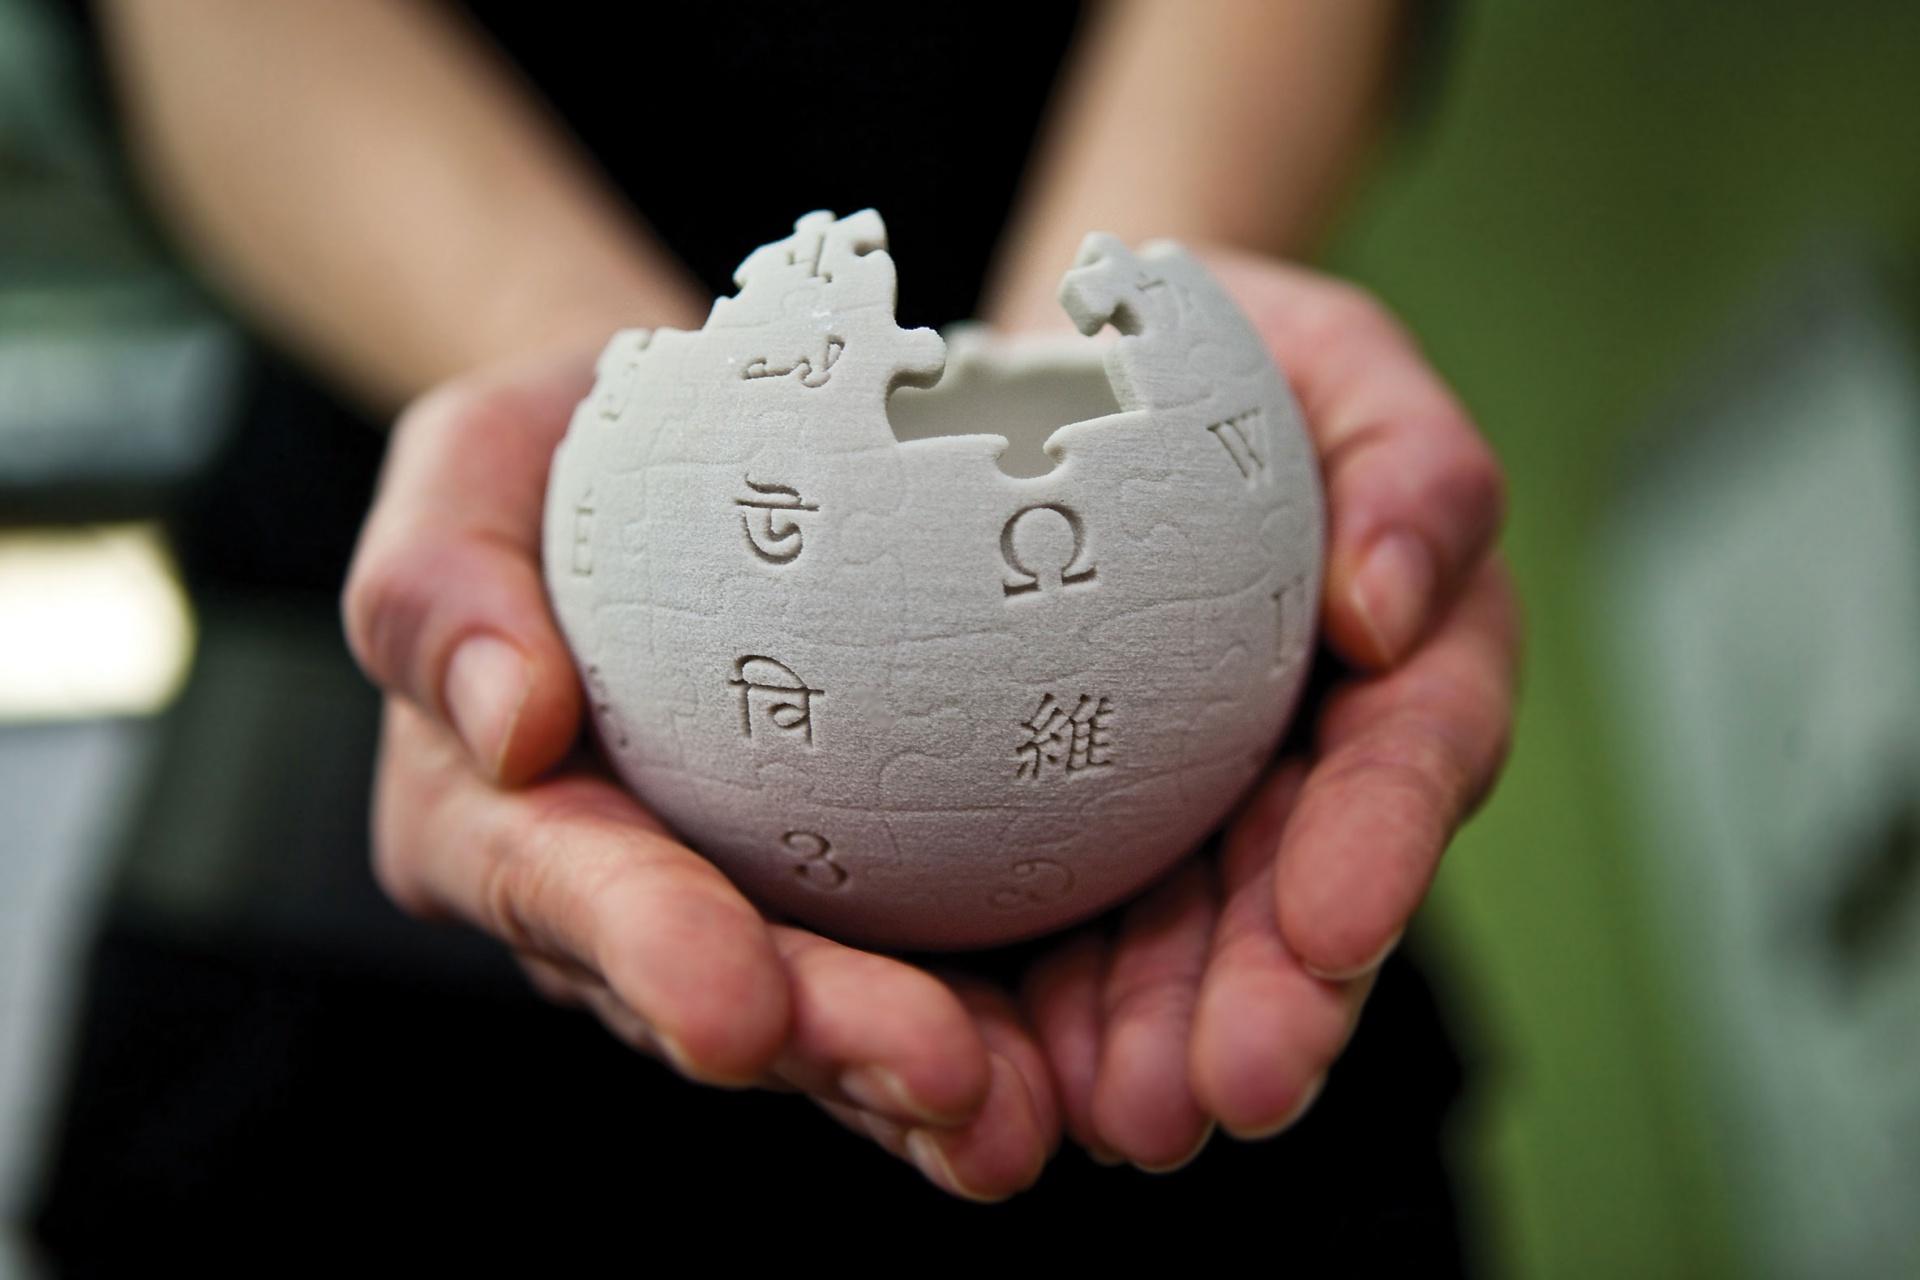 Российский аналог Википедии, похоже, отменили